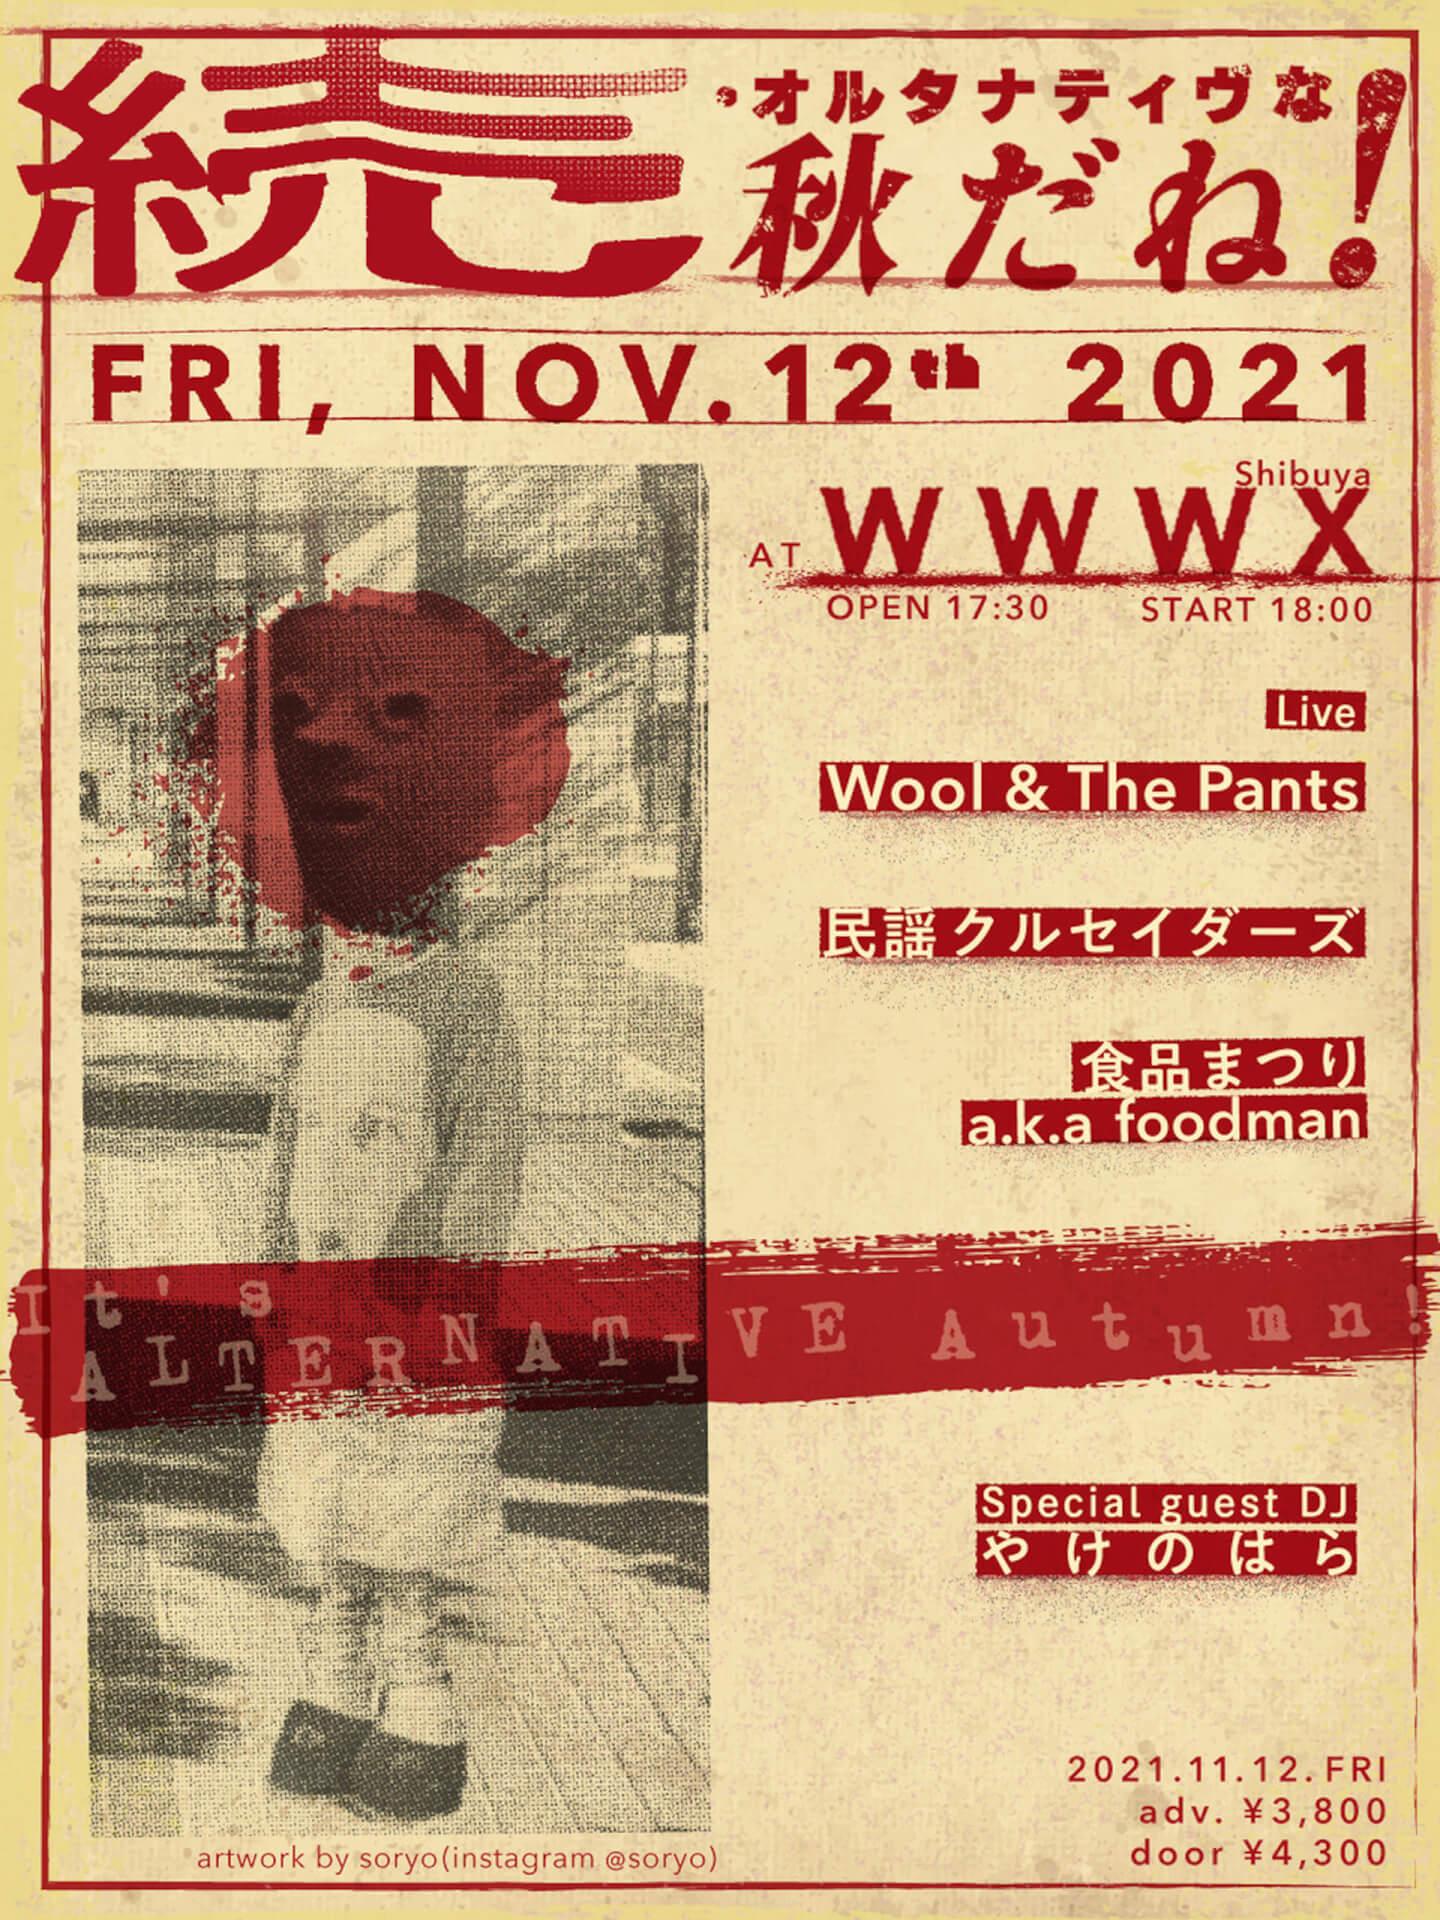 WWW Xで開催の<続・オルタナティヴな秋だね!>にWool & The Pants、民謡クルセイダーズ、食品まつり a.k.a foodman、やけのはらの4組が出演! music210929_alternative_2